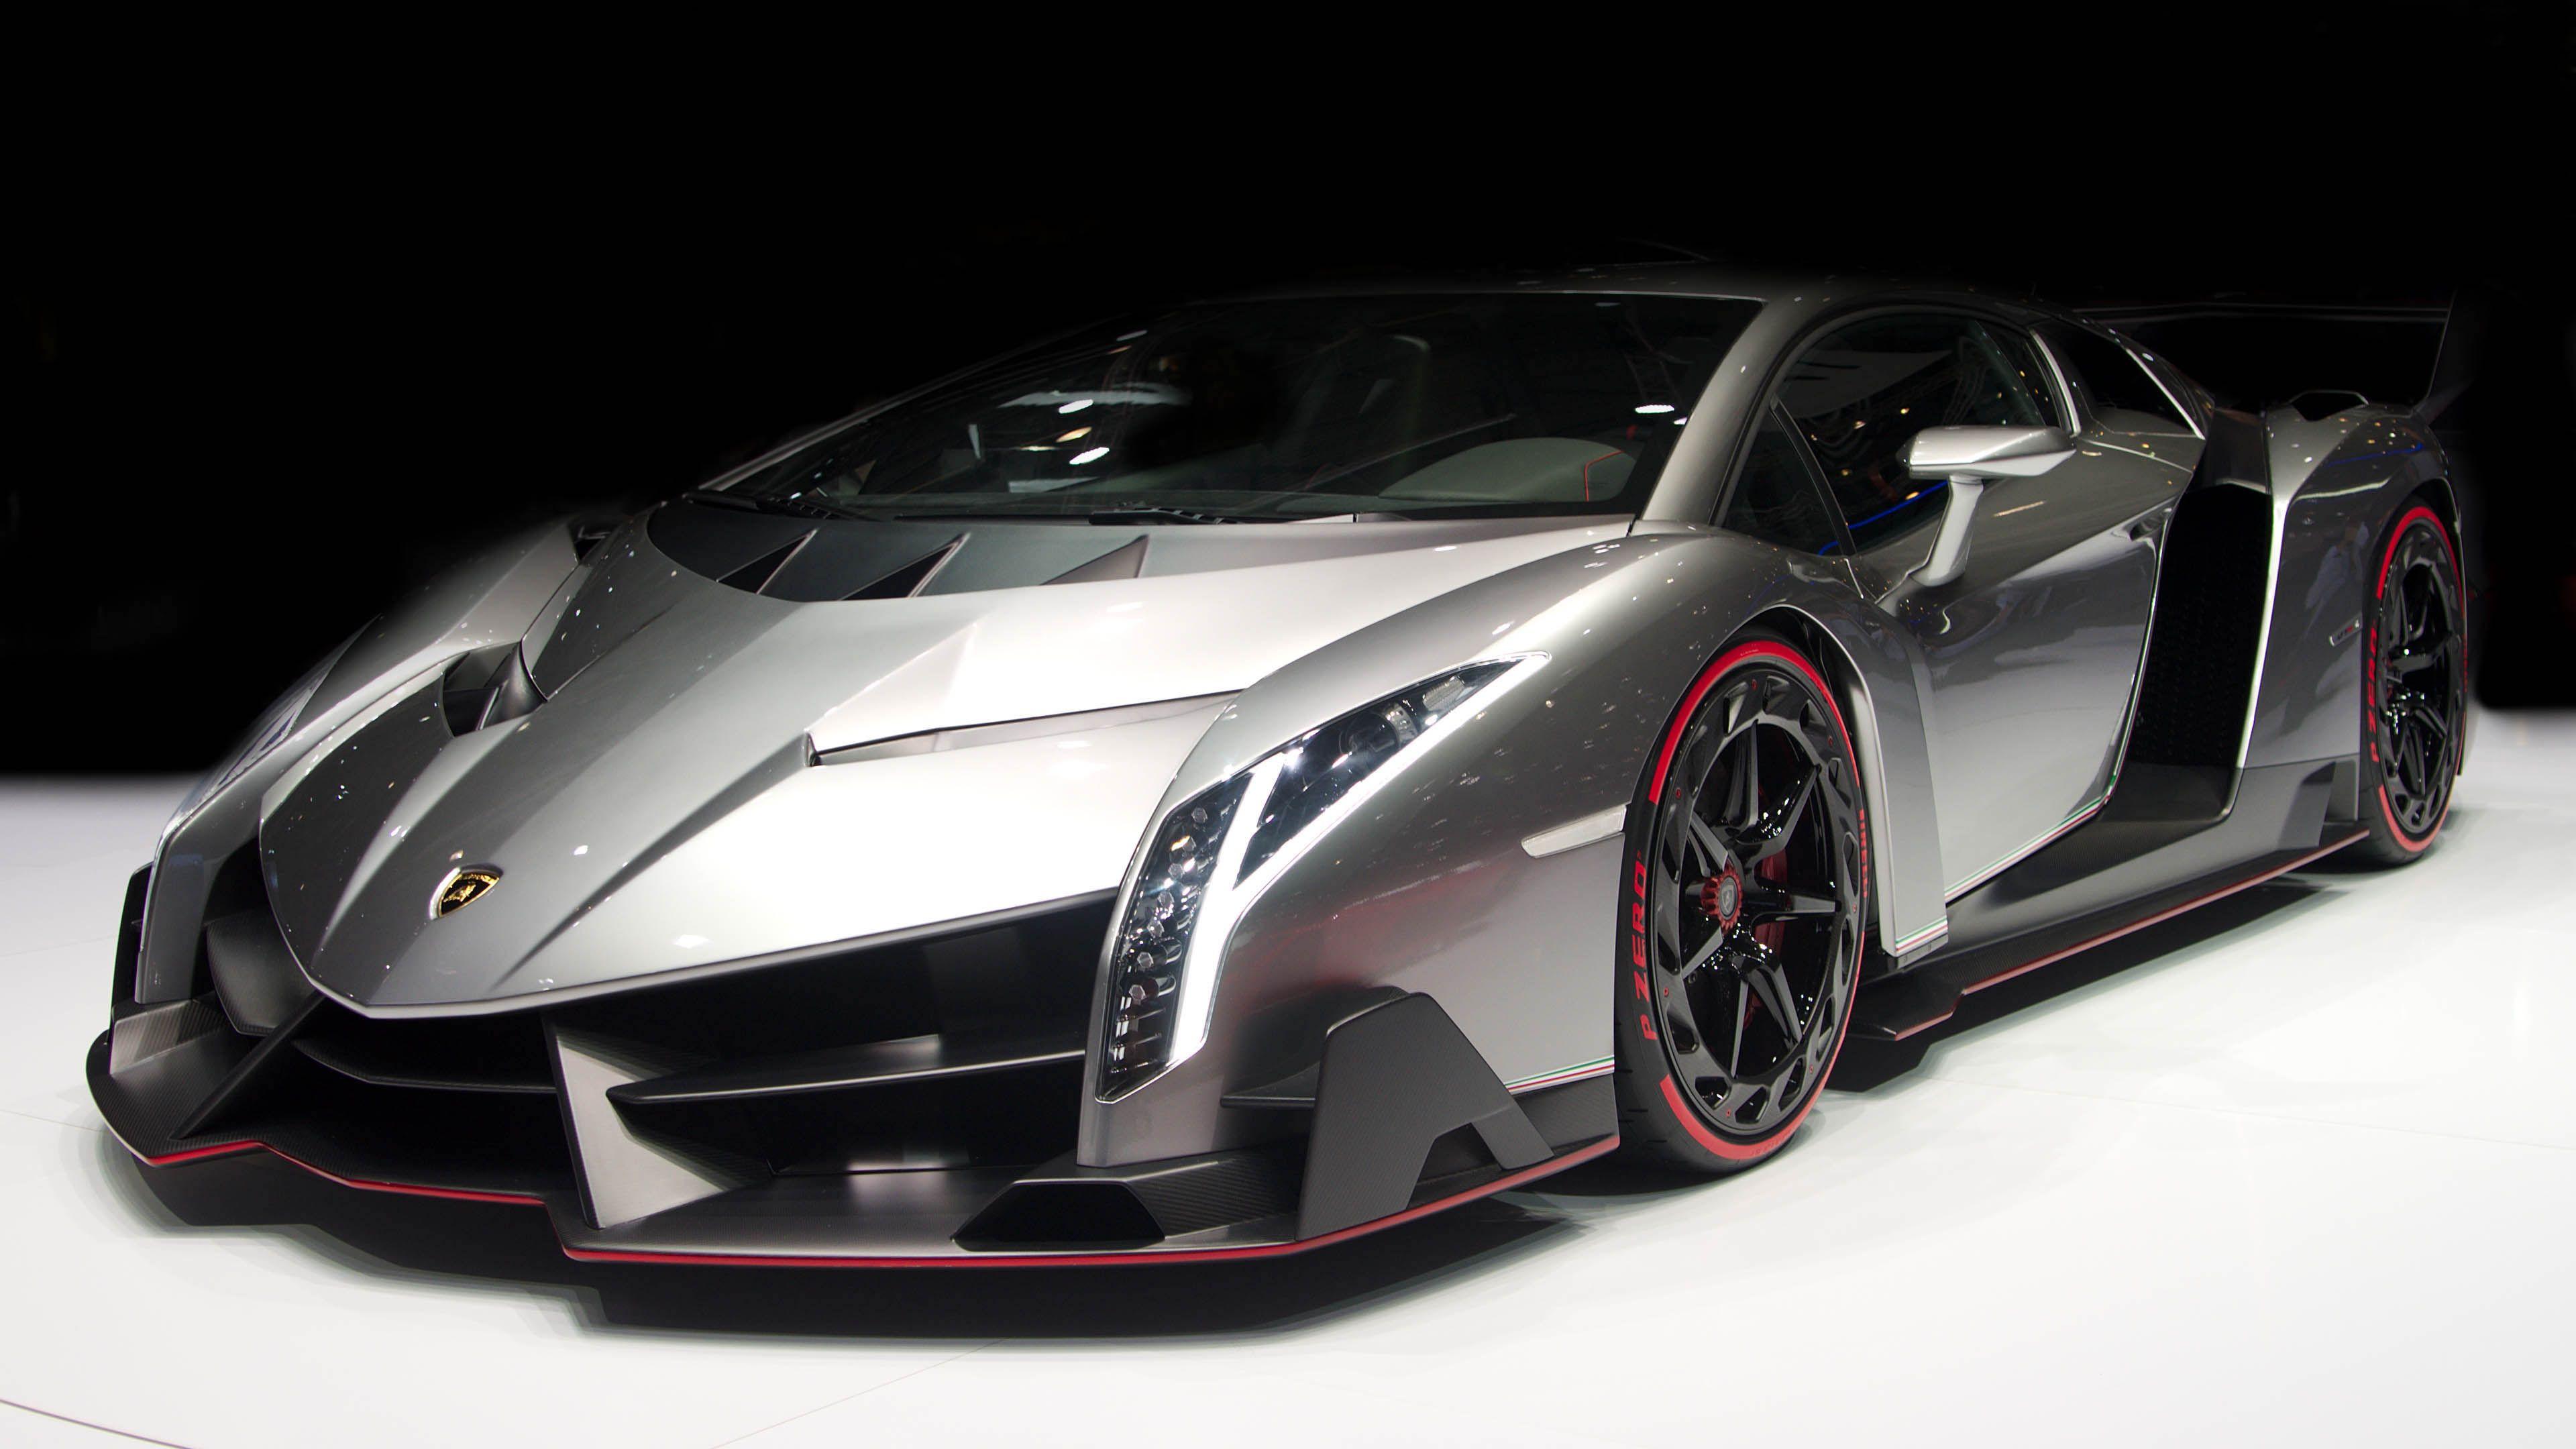 Lamborghini Veneno Wallpaper For Free Wallpaper Dream